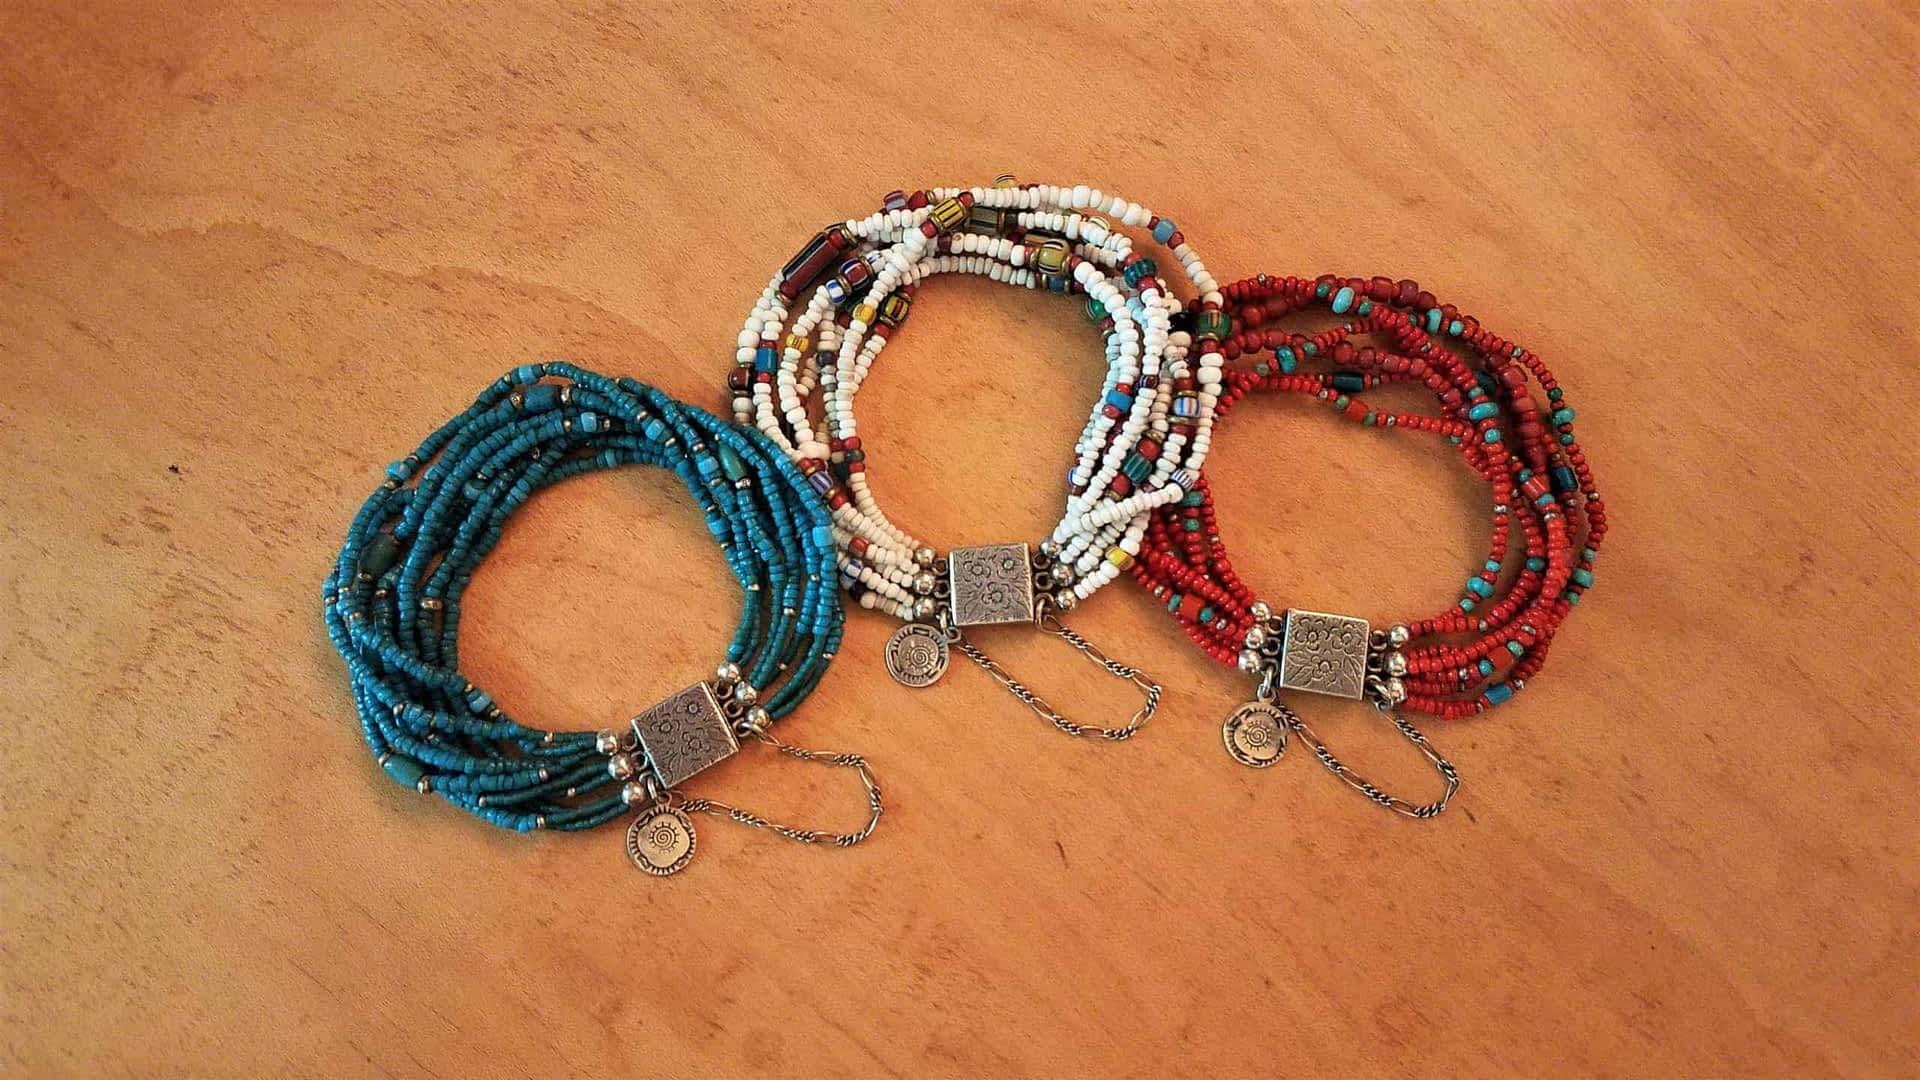 Bracelet - Necklace